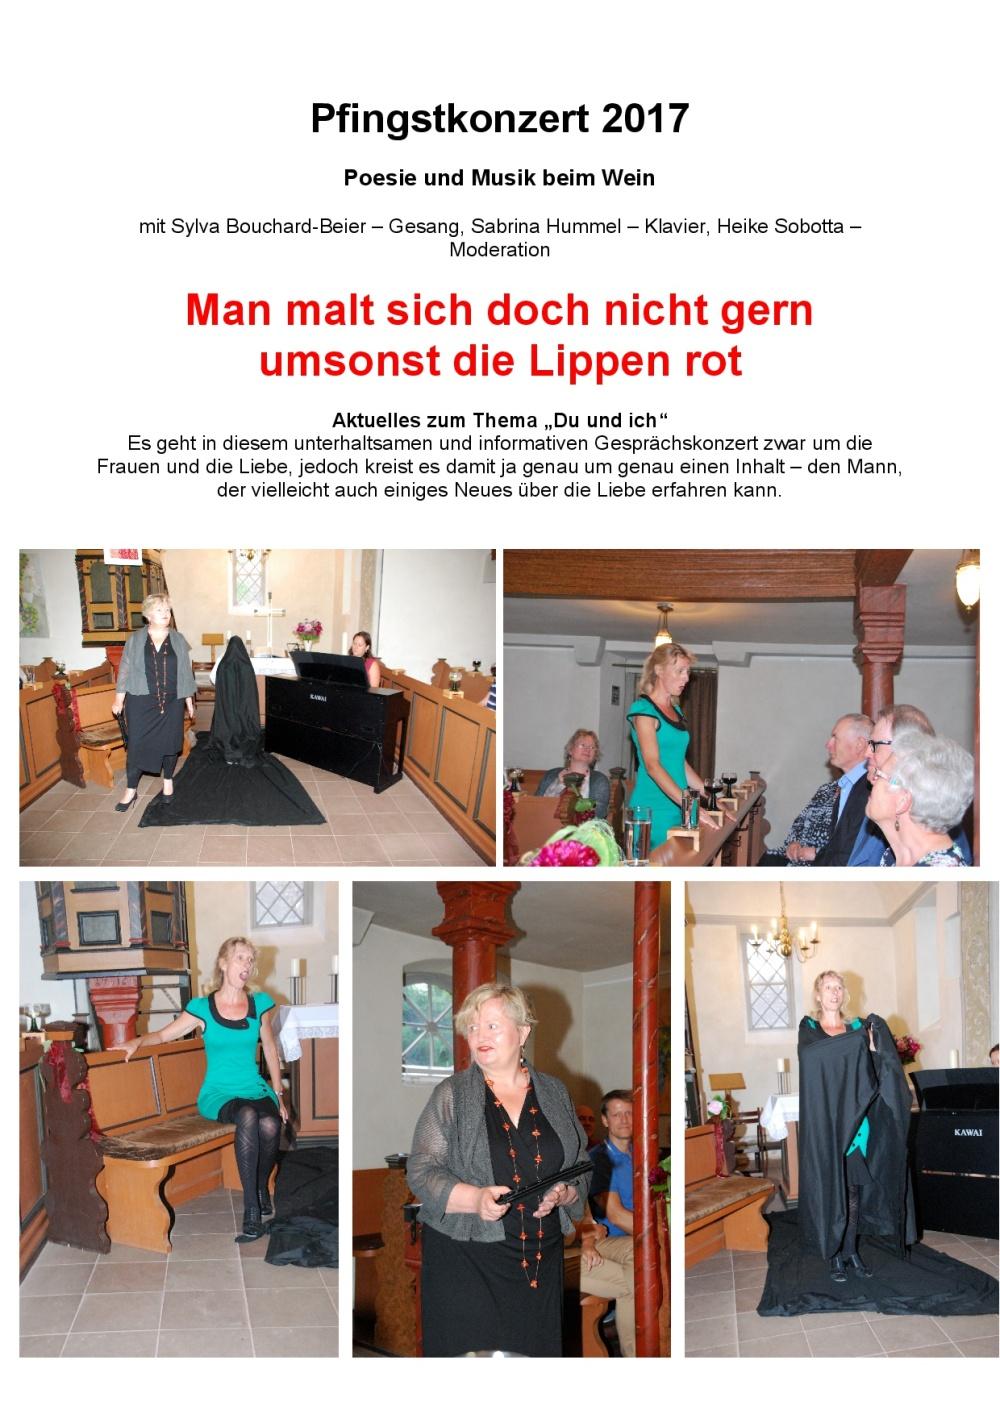 2017-06-05 Pfingstkonzert-001